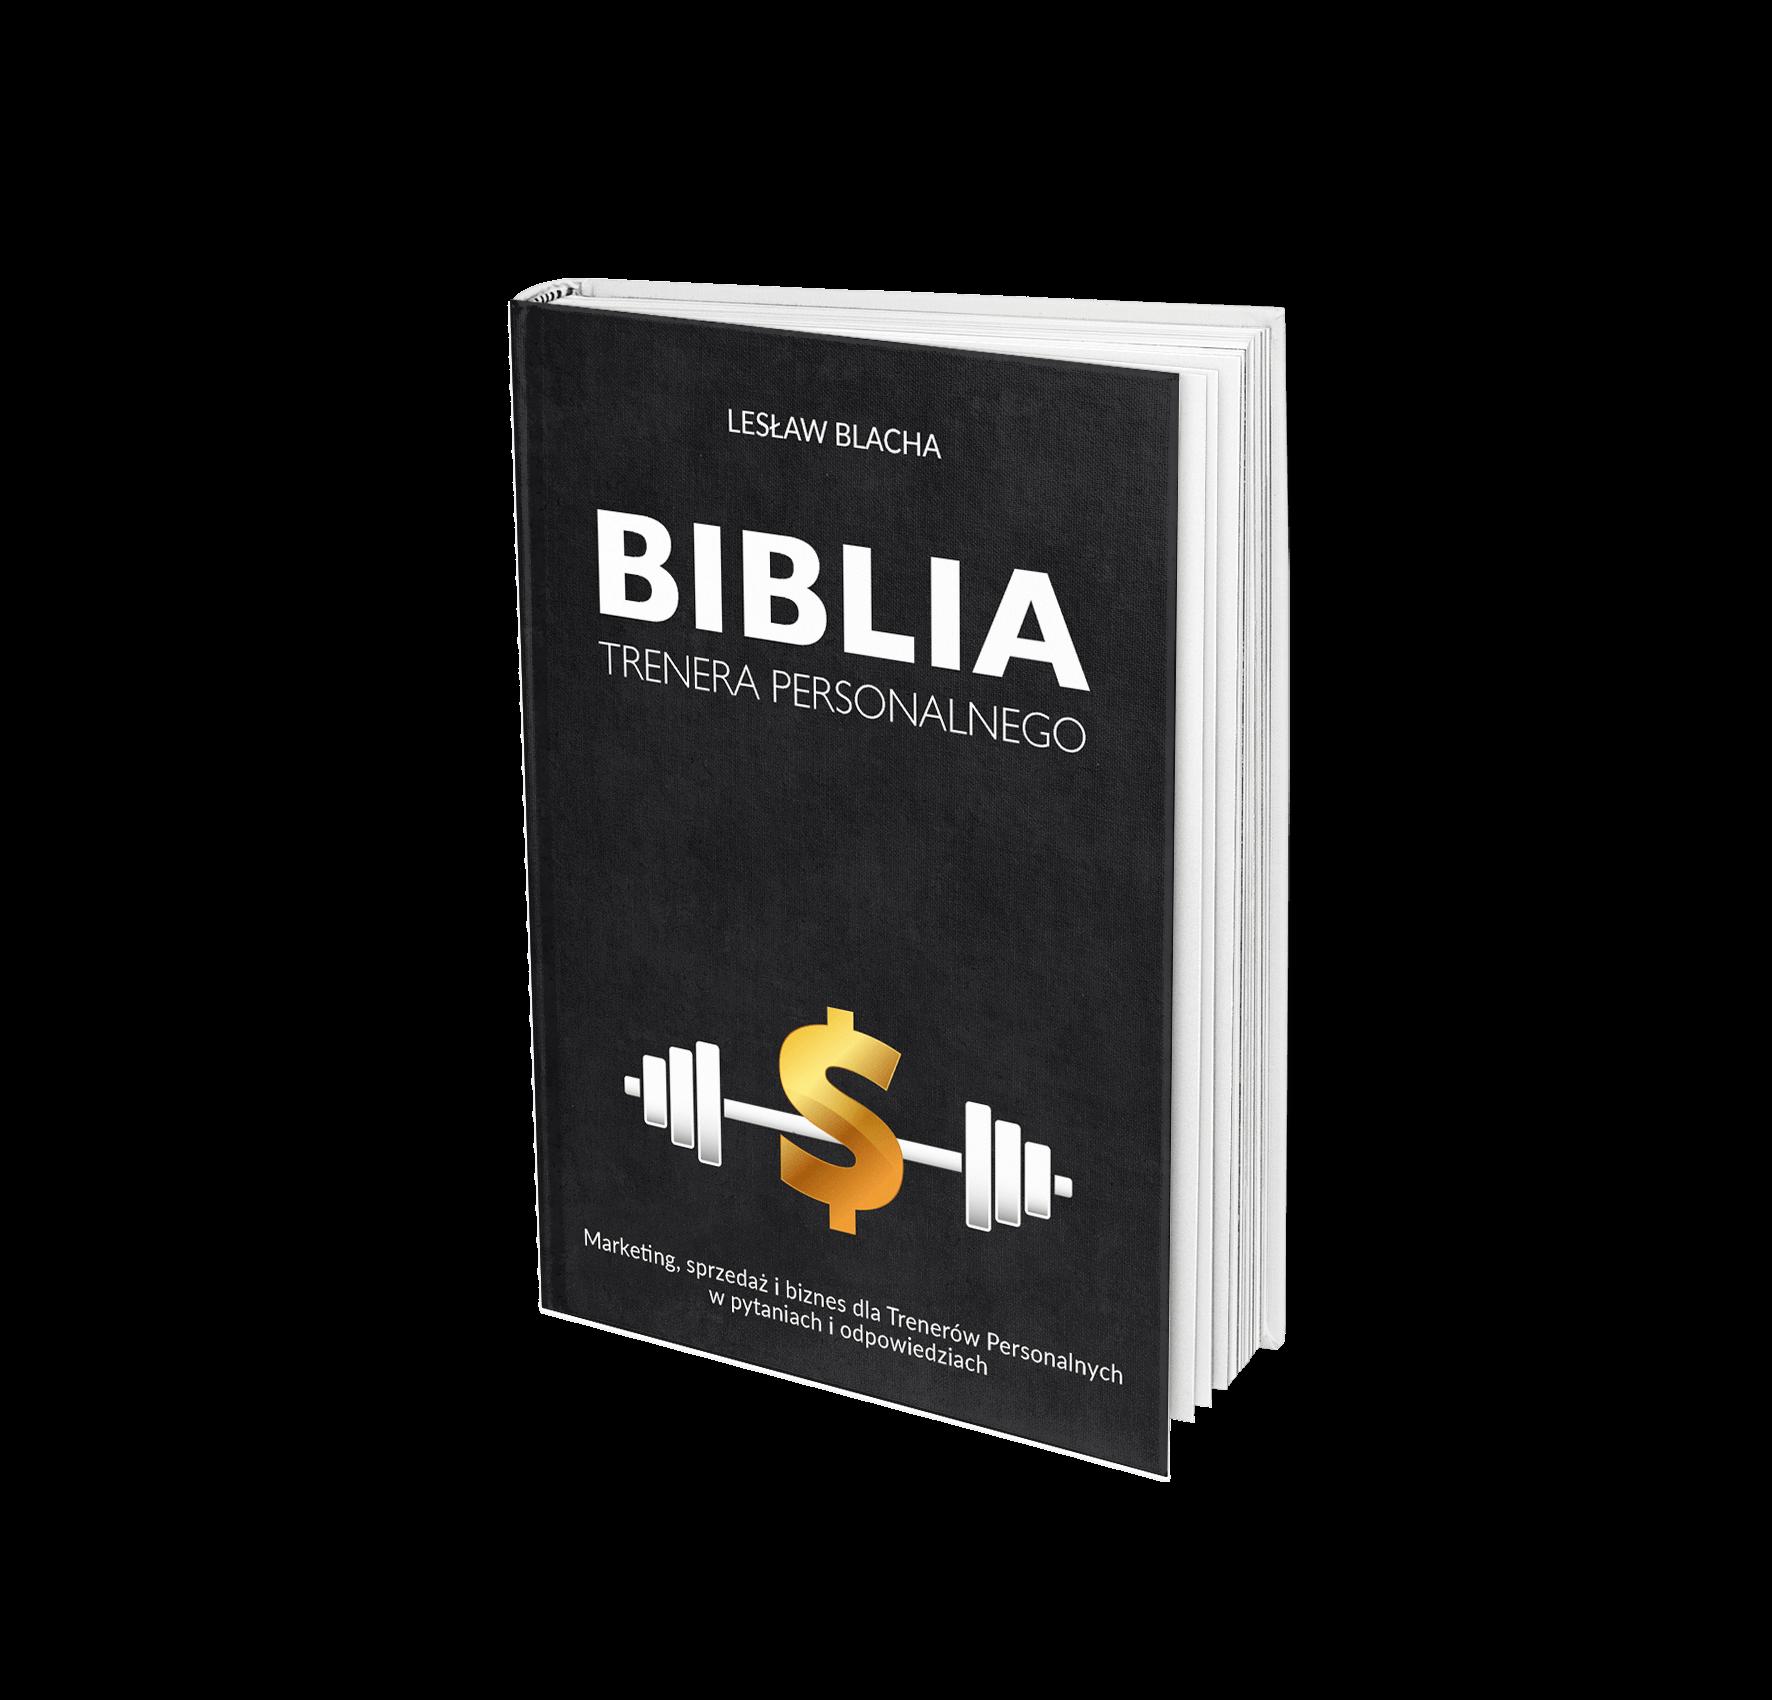 LB-Biblia-3d-mockup